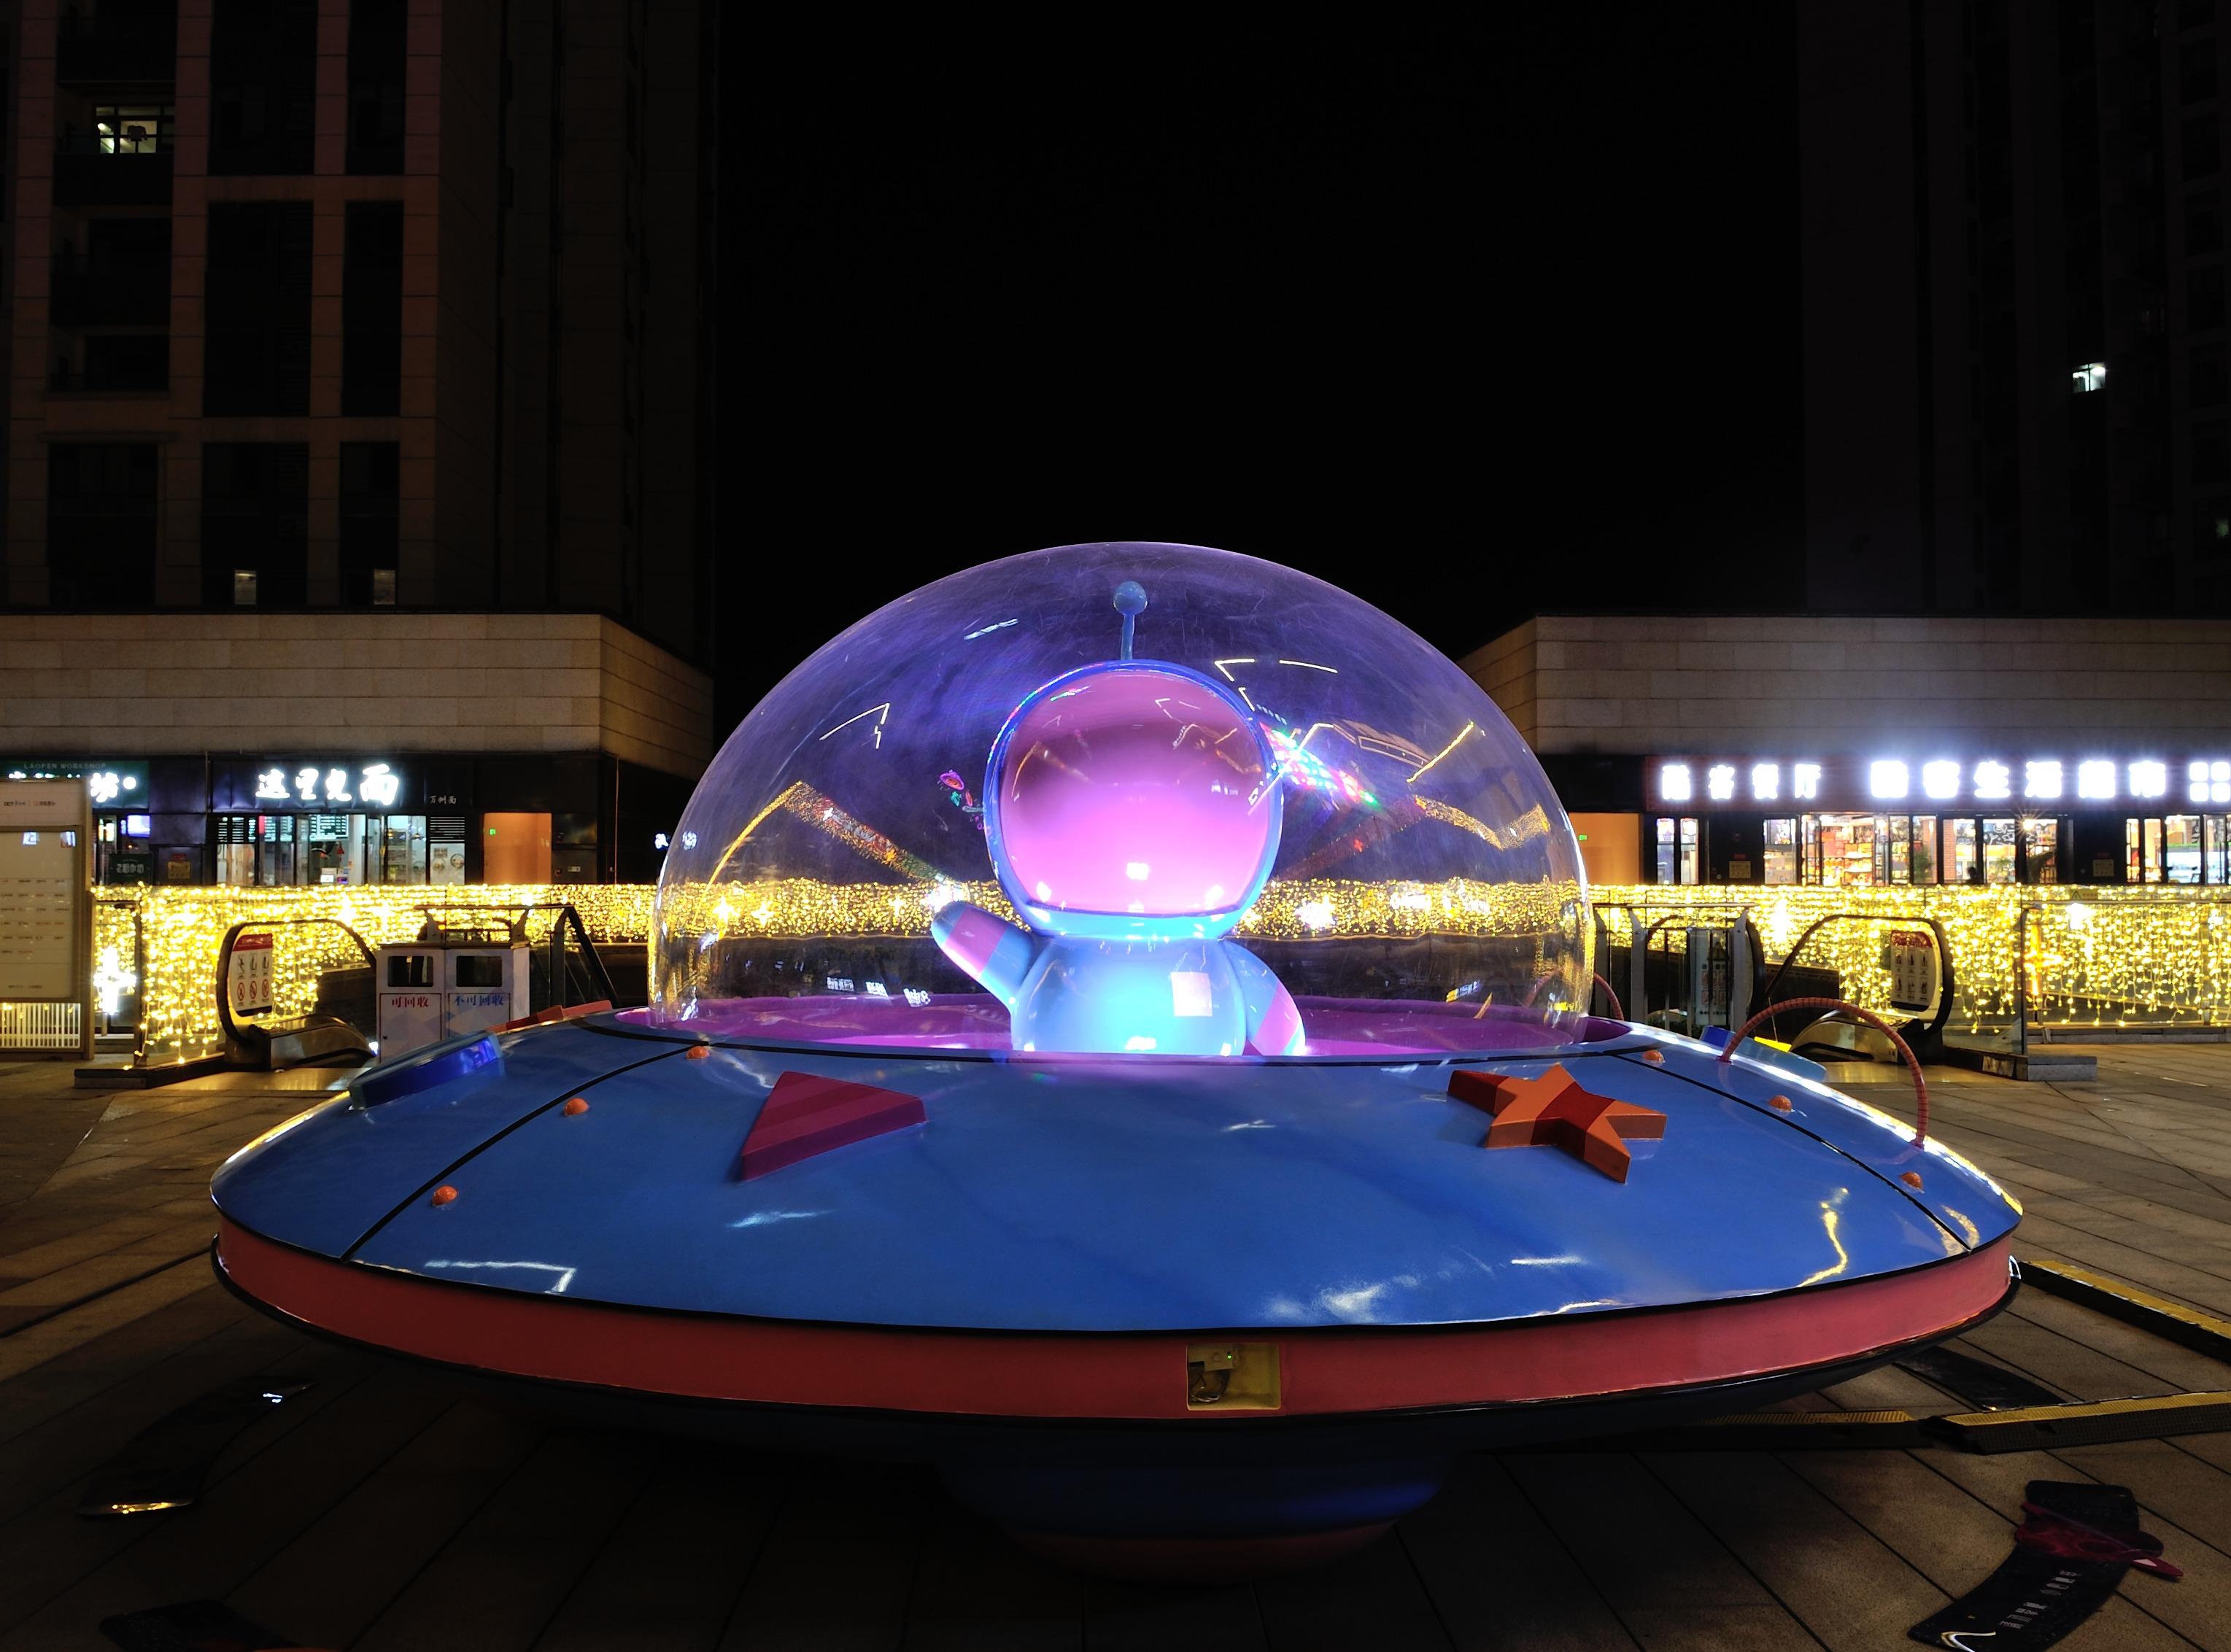 夜空彩虹案例分享-星空下的精灵-重庆华侨城